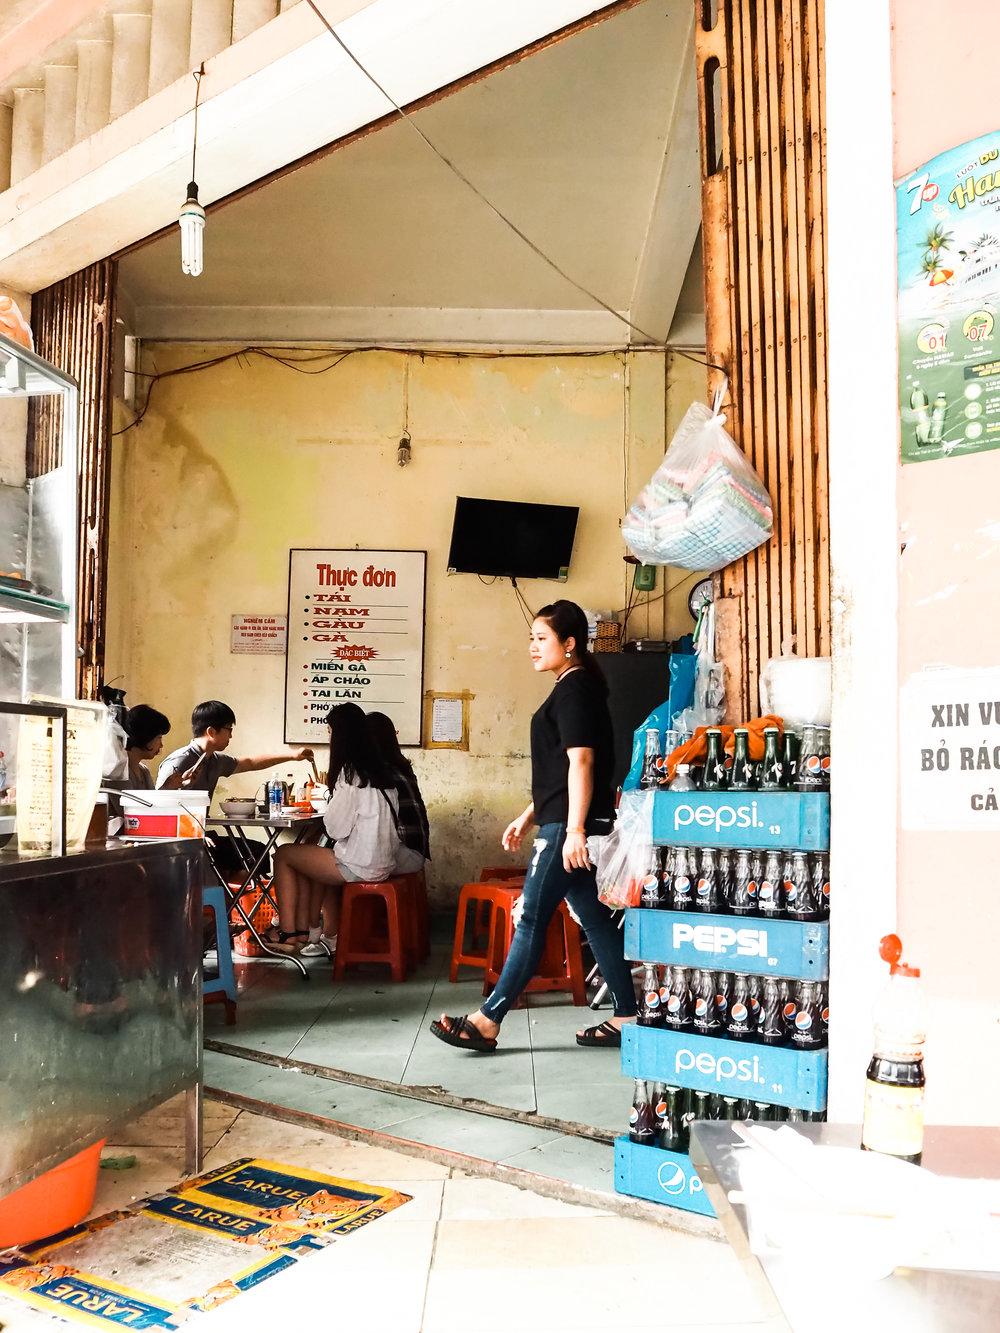 Downtown Da Nang